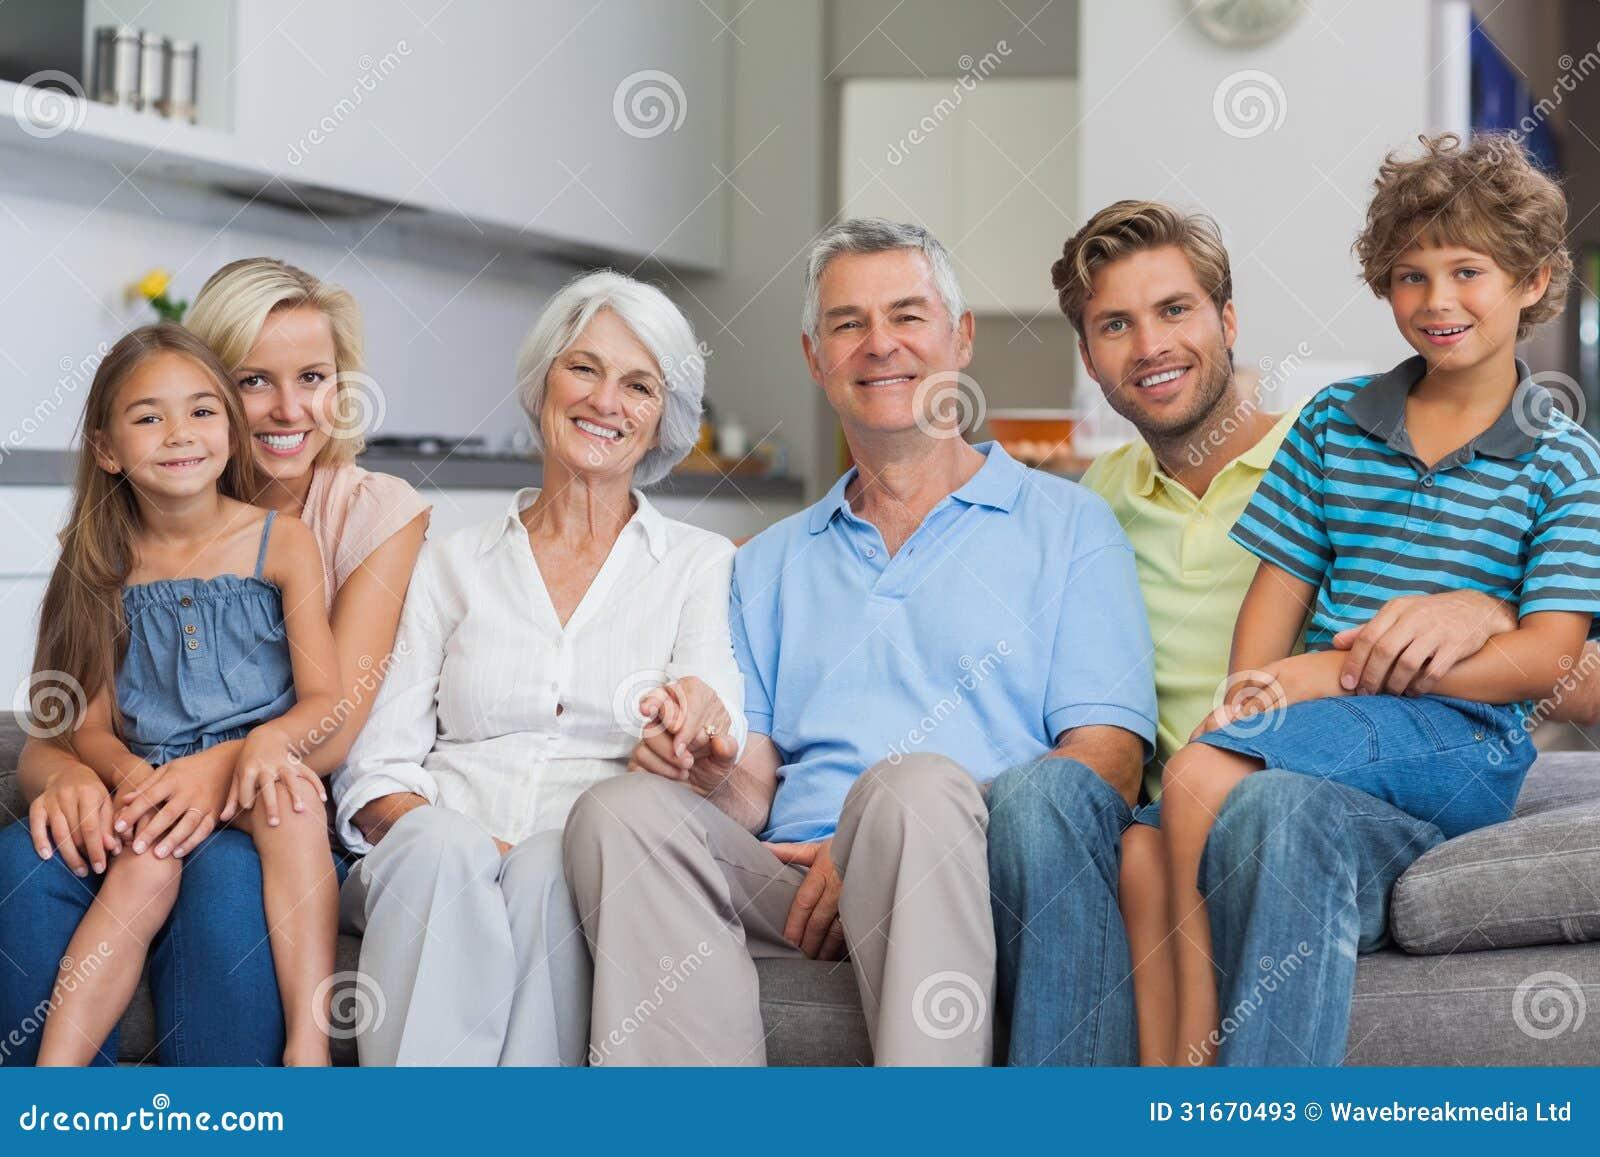 Großfamilie, Die Auf Couch Im Wohnzimmer Sitzt Stockbild - Bild von ...